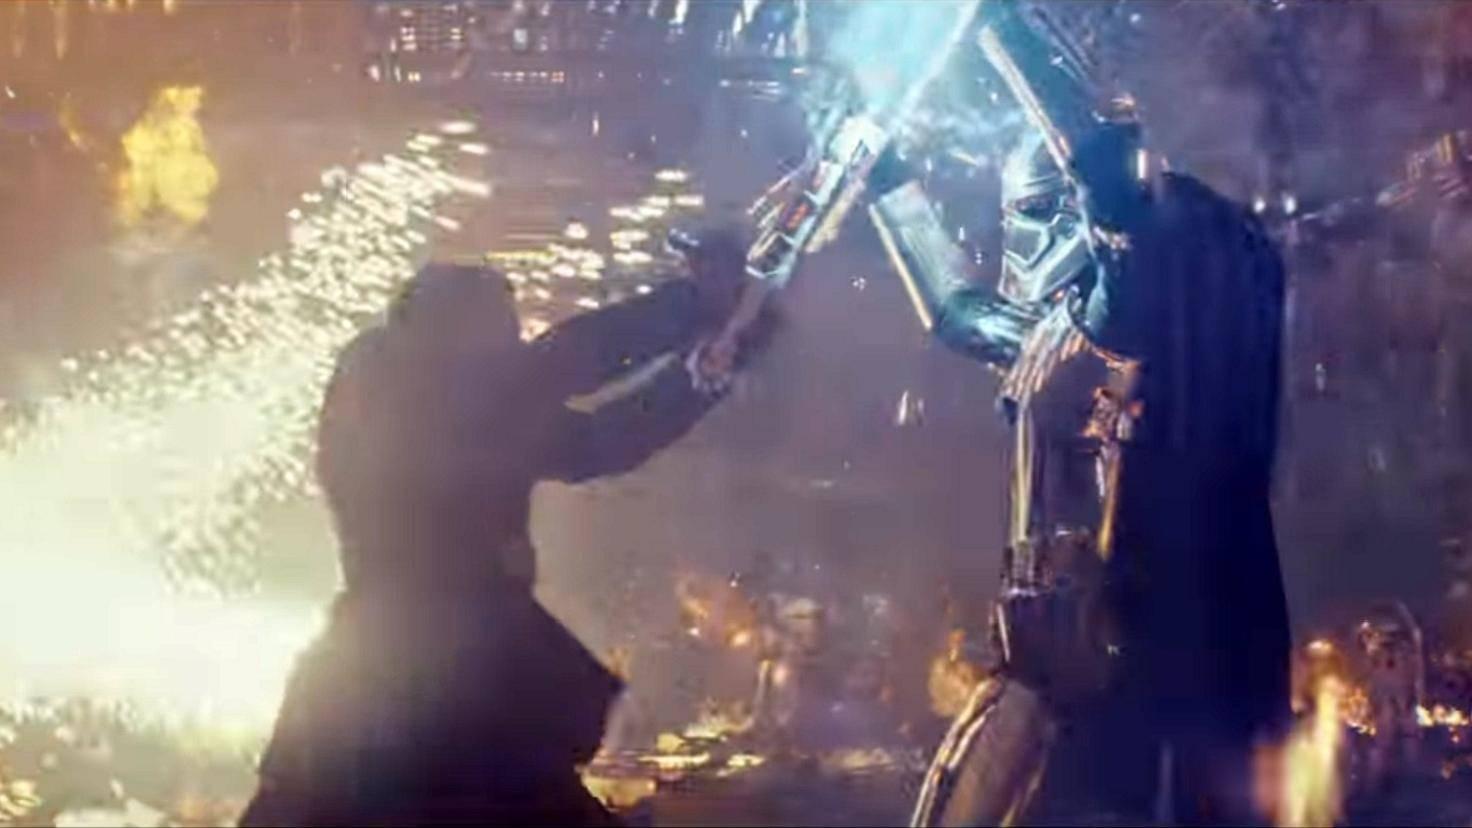 Star Wars 8 Die Letzten Jedi Trailer Analyse Mit 6 Nerd Beobachtungen